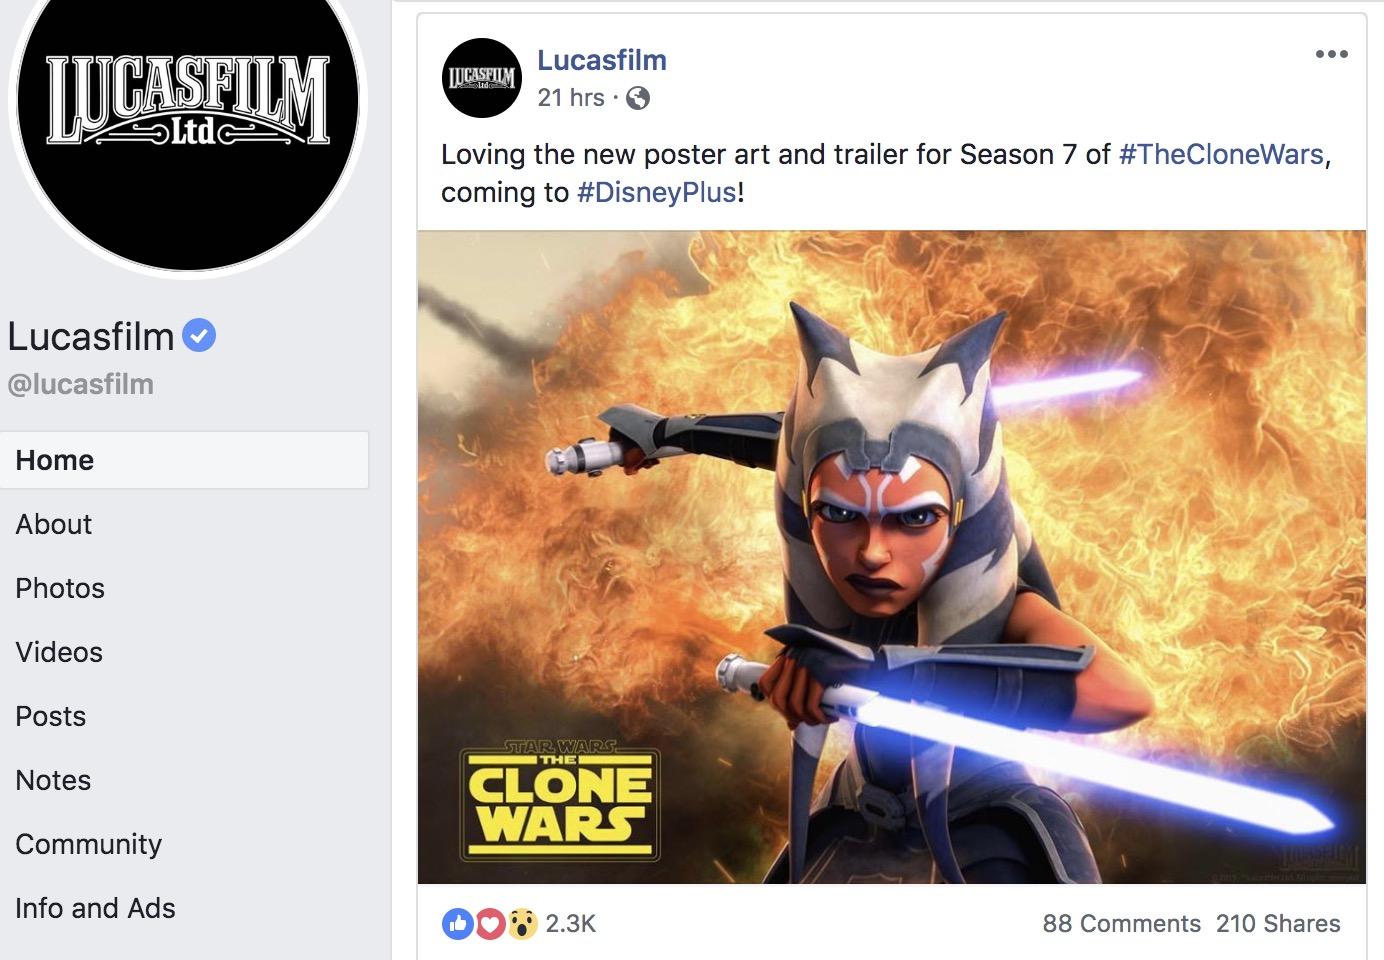 Star Wars: The Clone Wars season 7 trailer: Ahsoka & Anakin